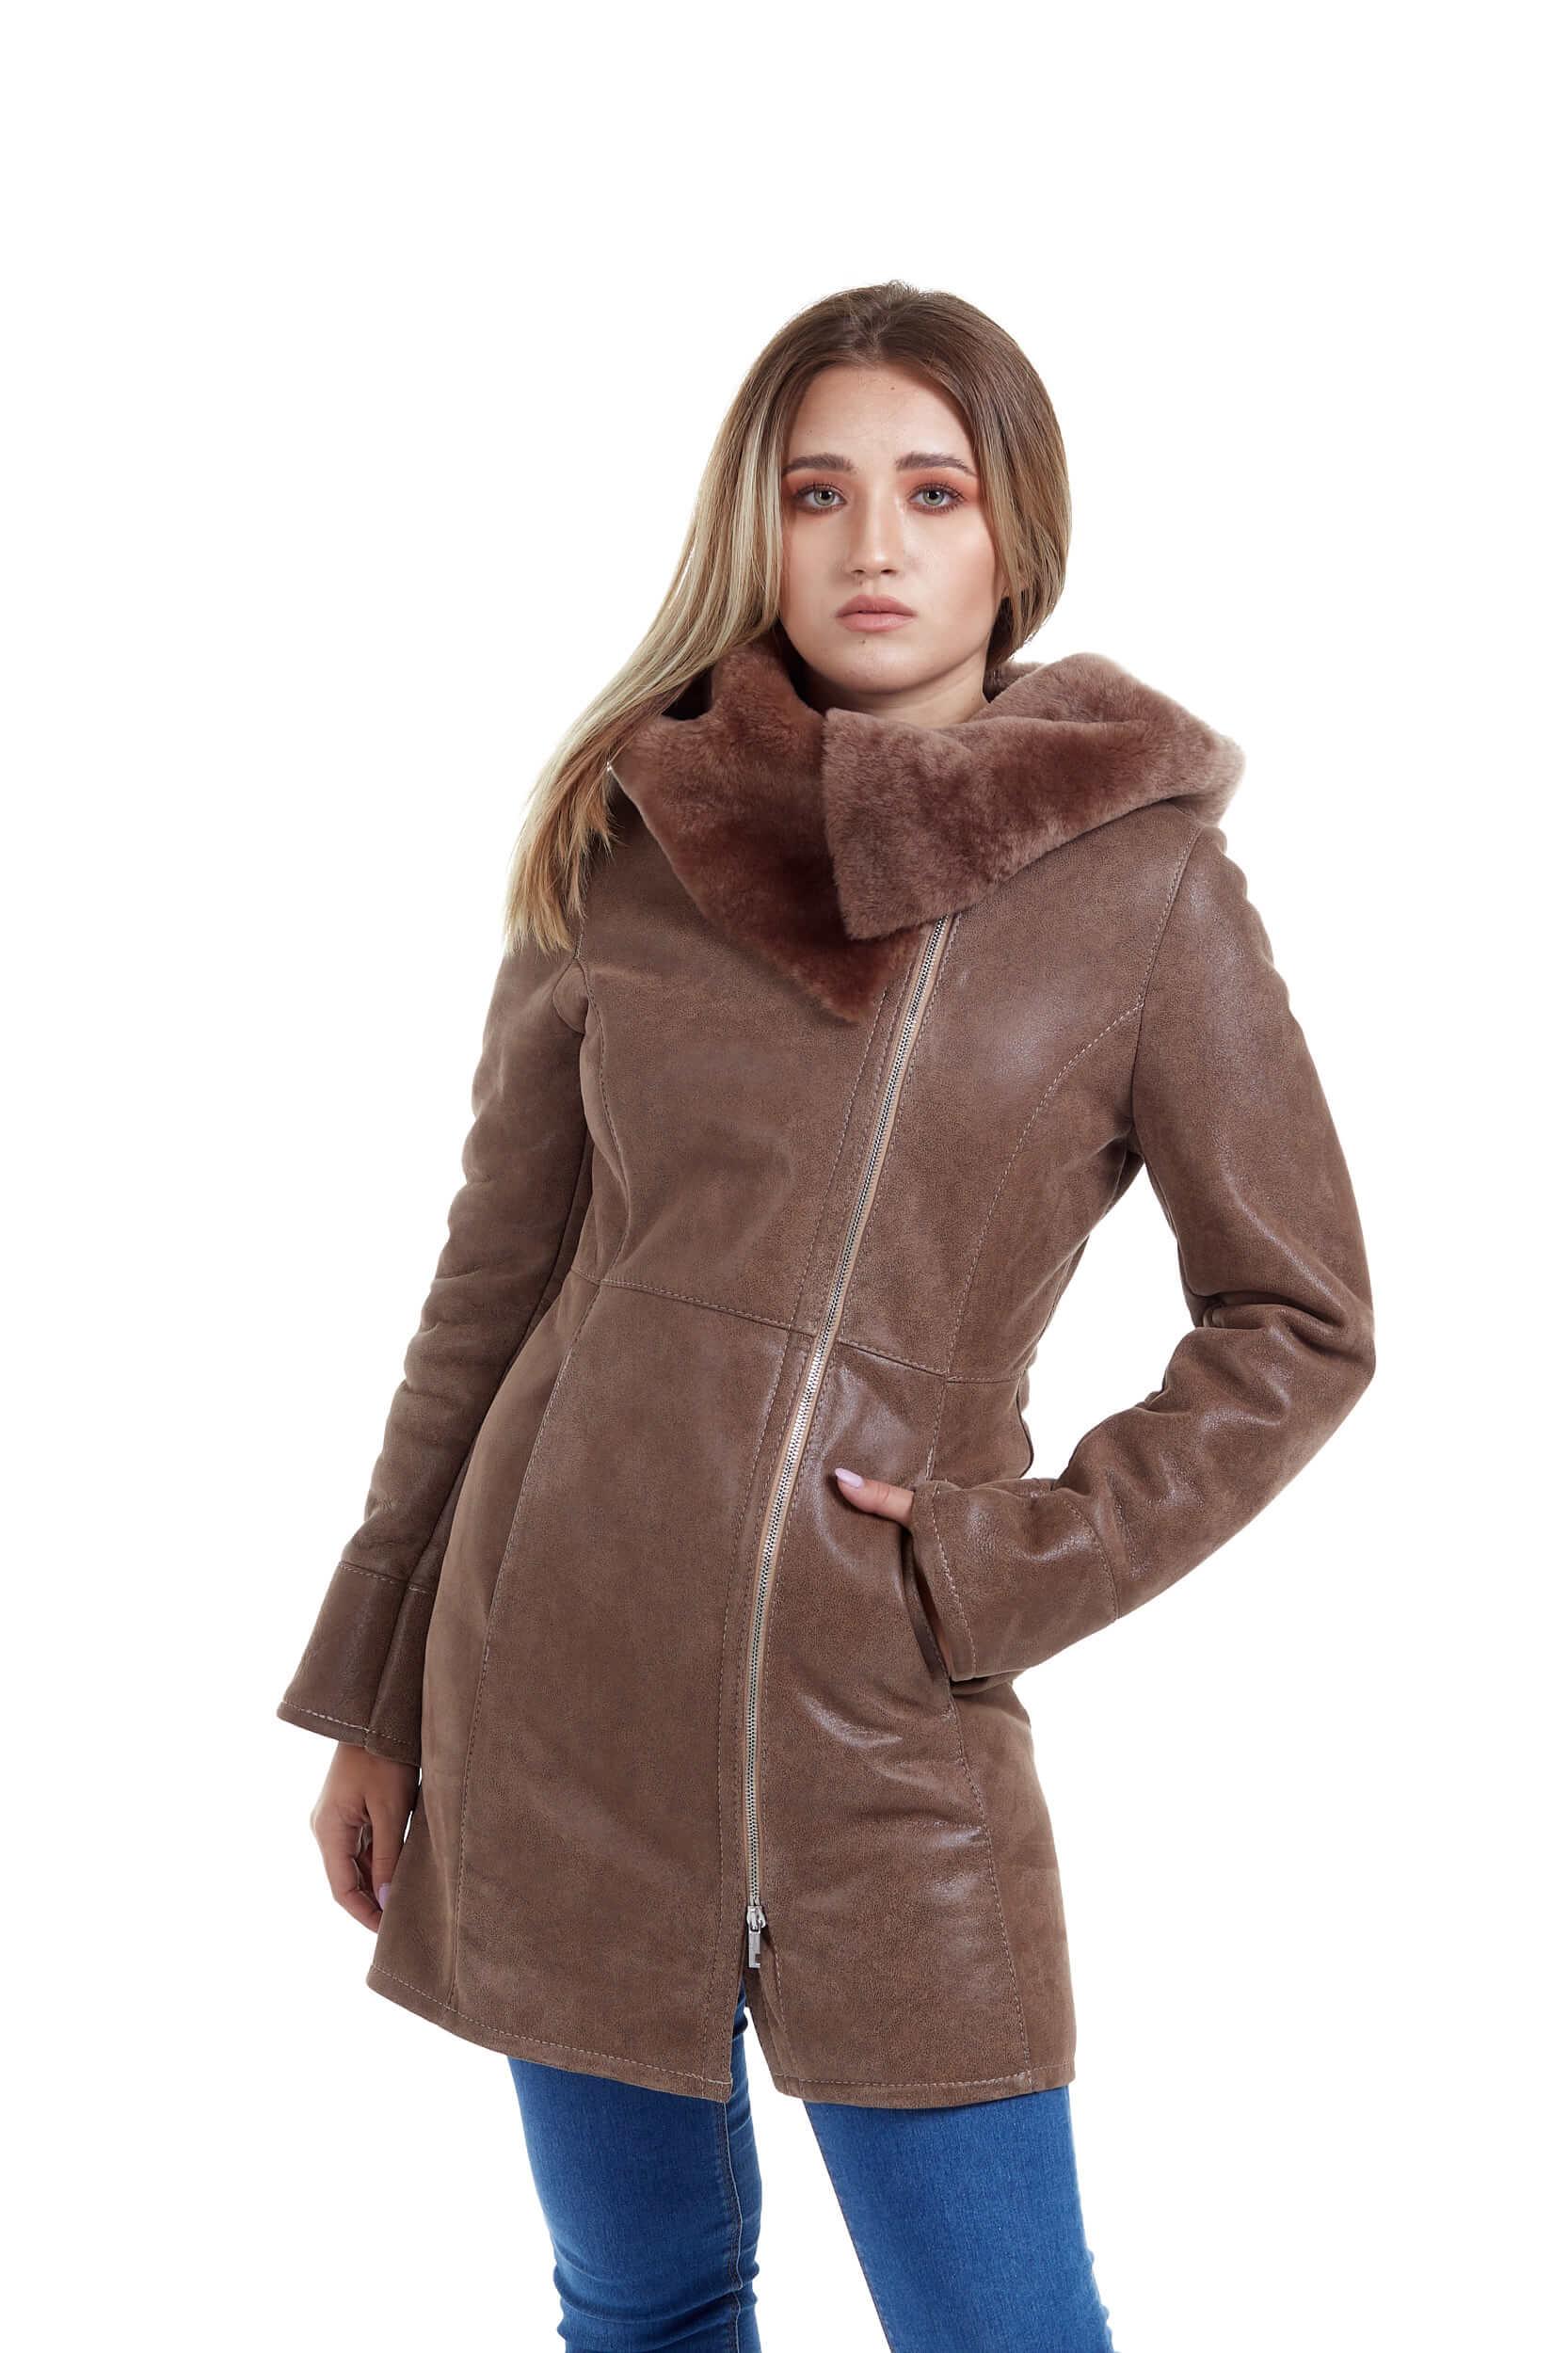 Betea Impex Arad – Fabrica de haine din blana si piele